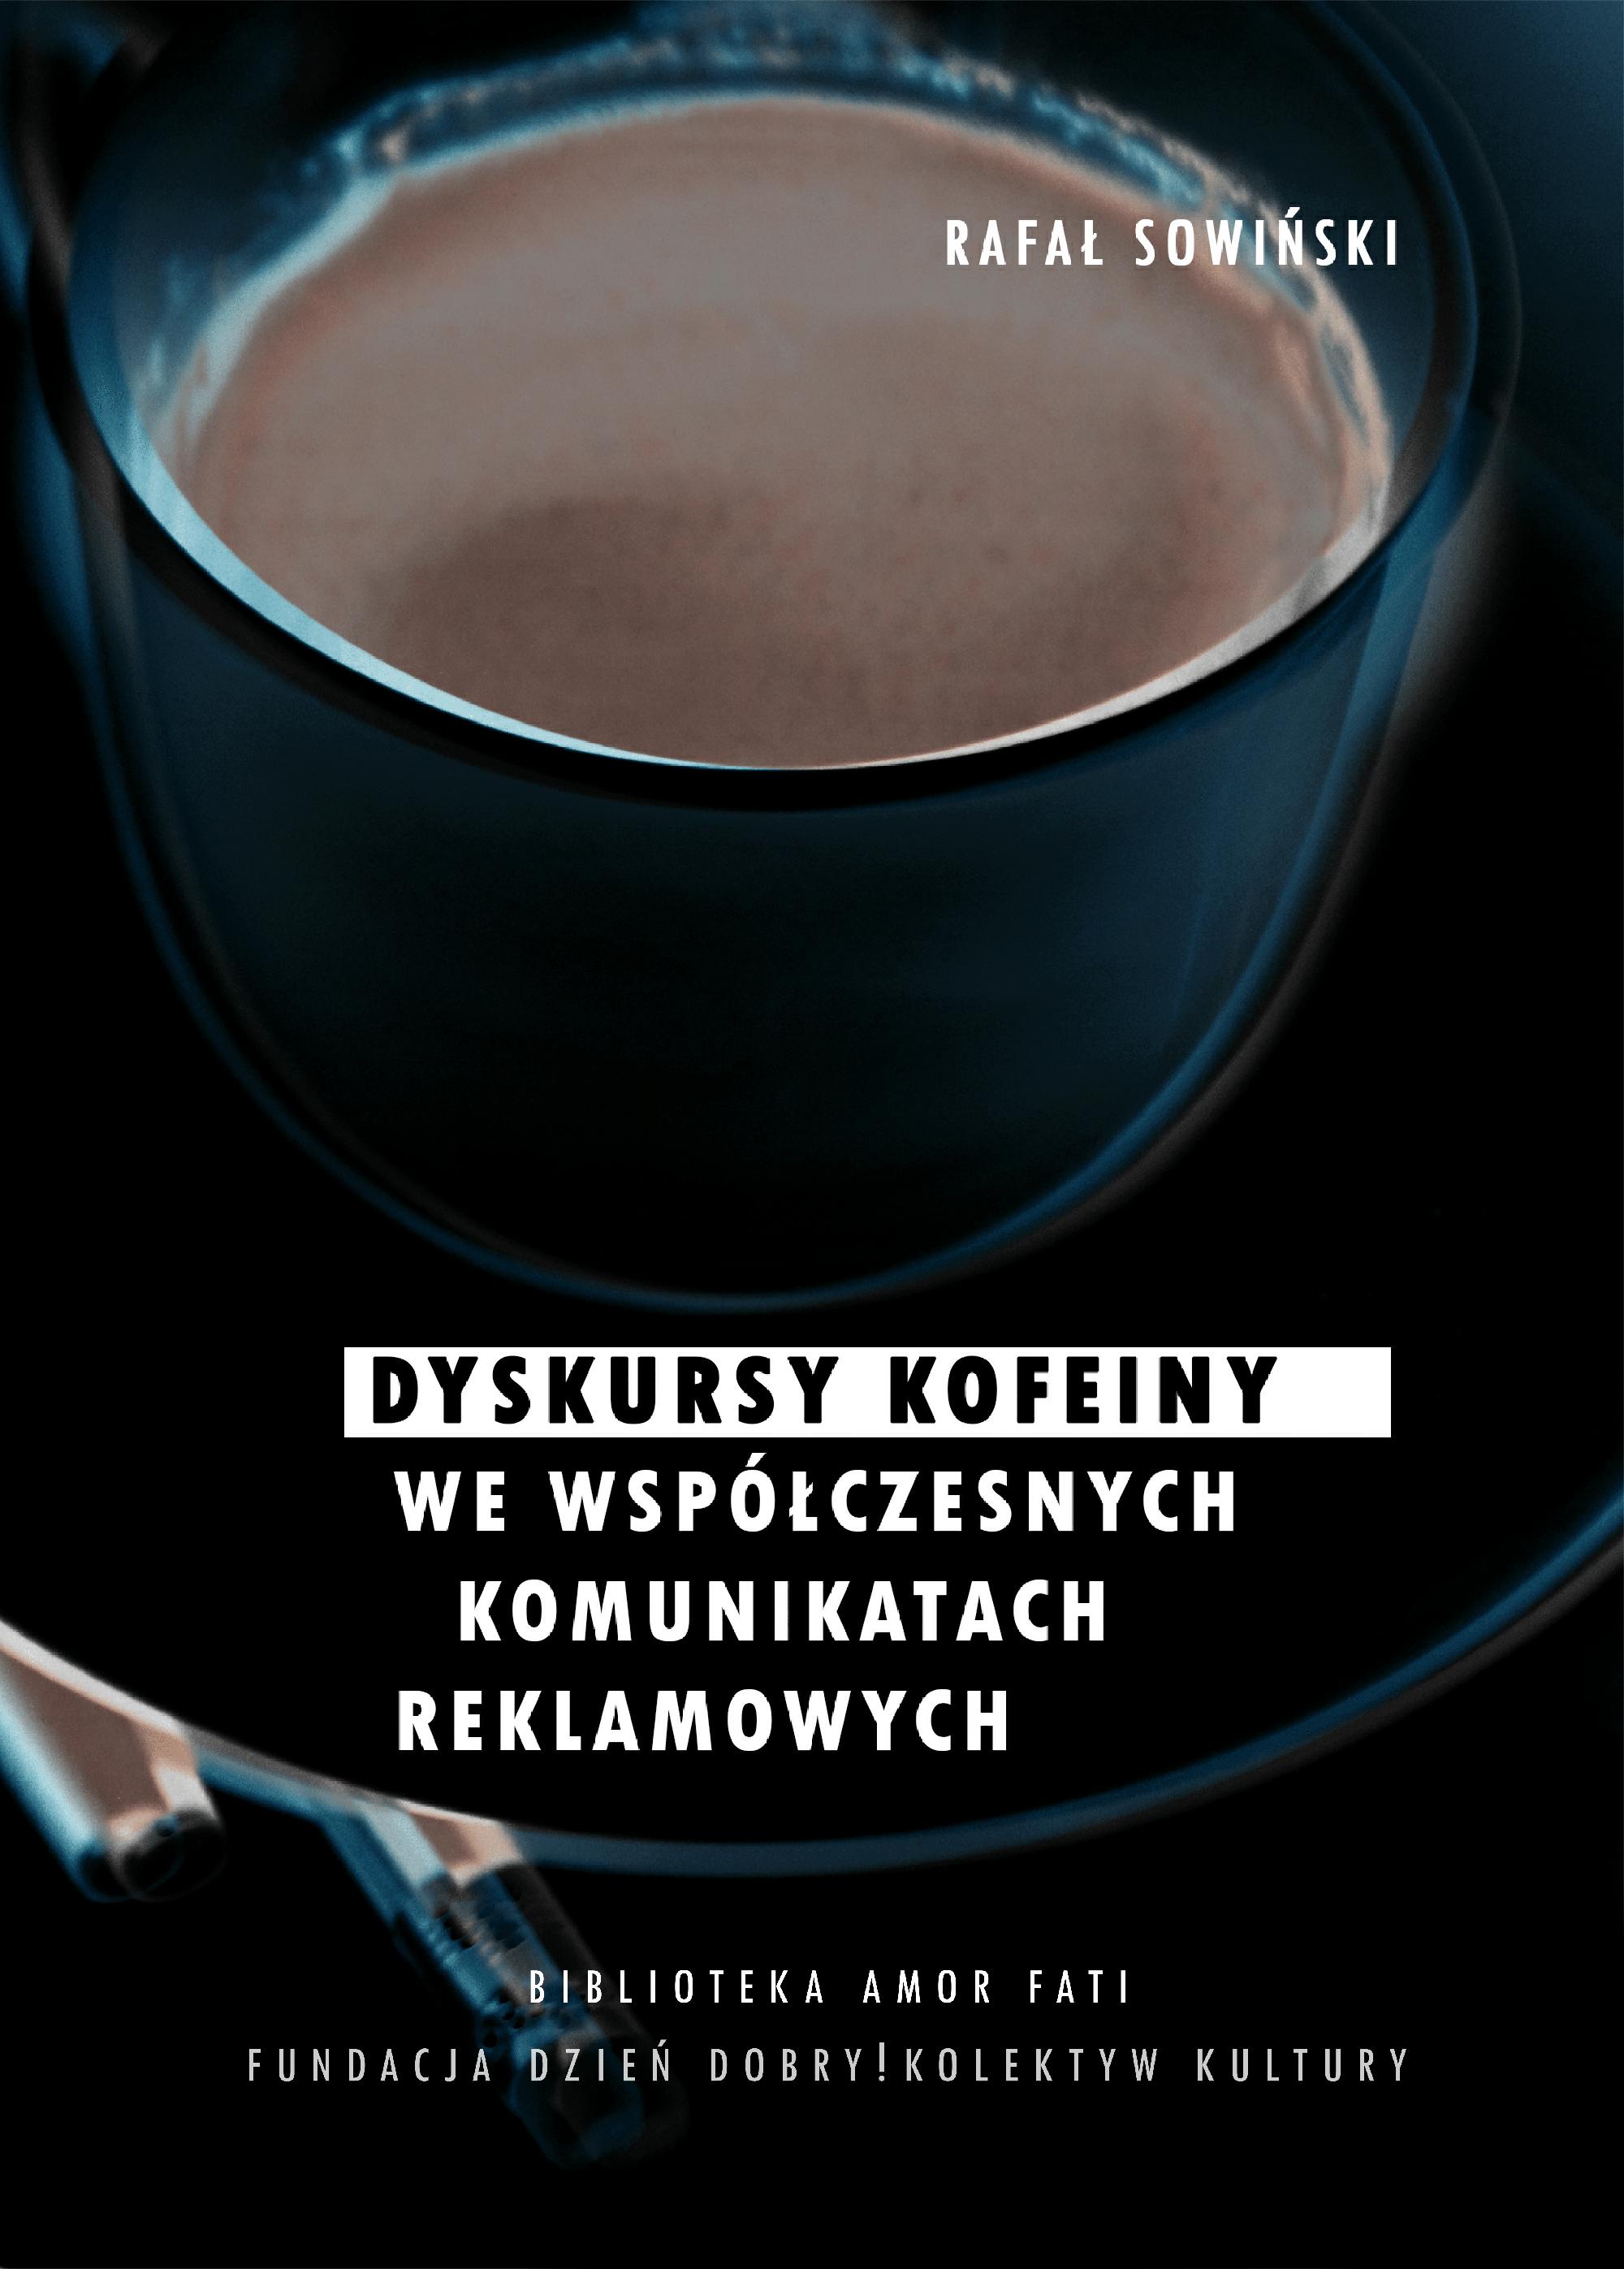 Rafał Sowiński Dyskursy kofeiny we współczesnych komunikatach reklamowych